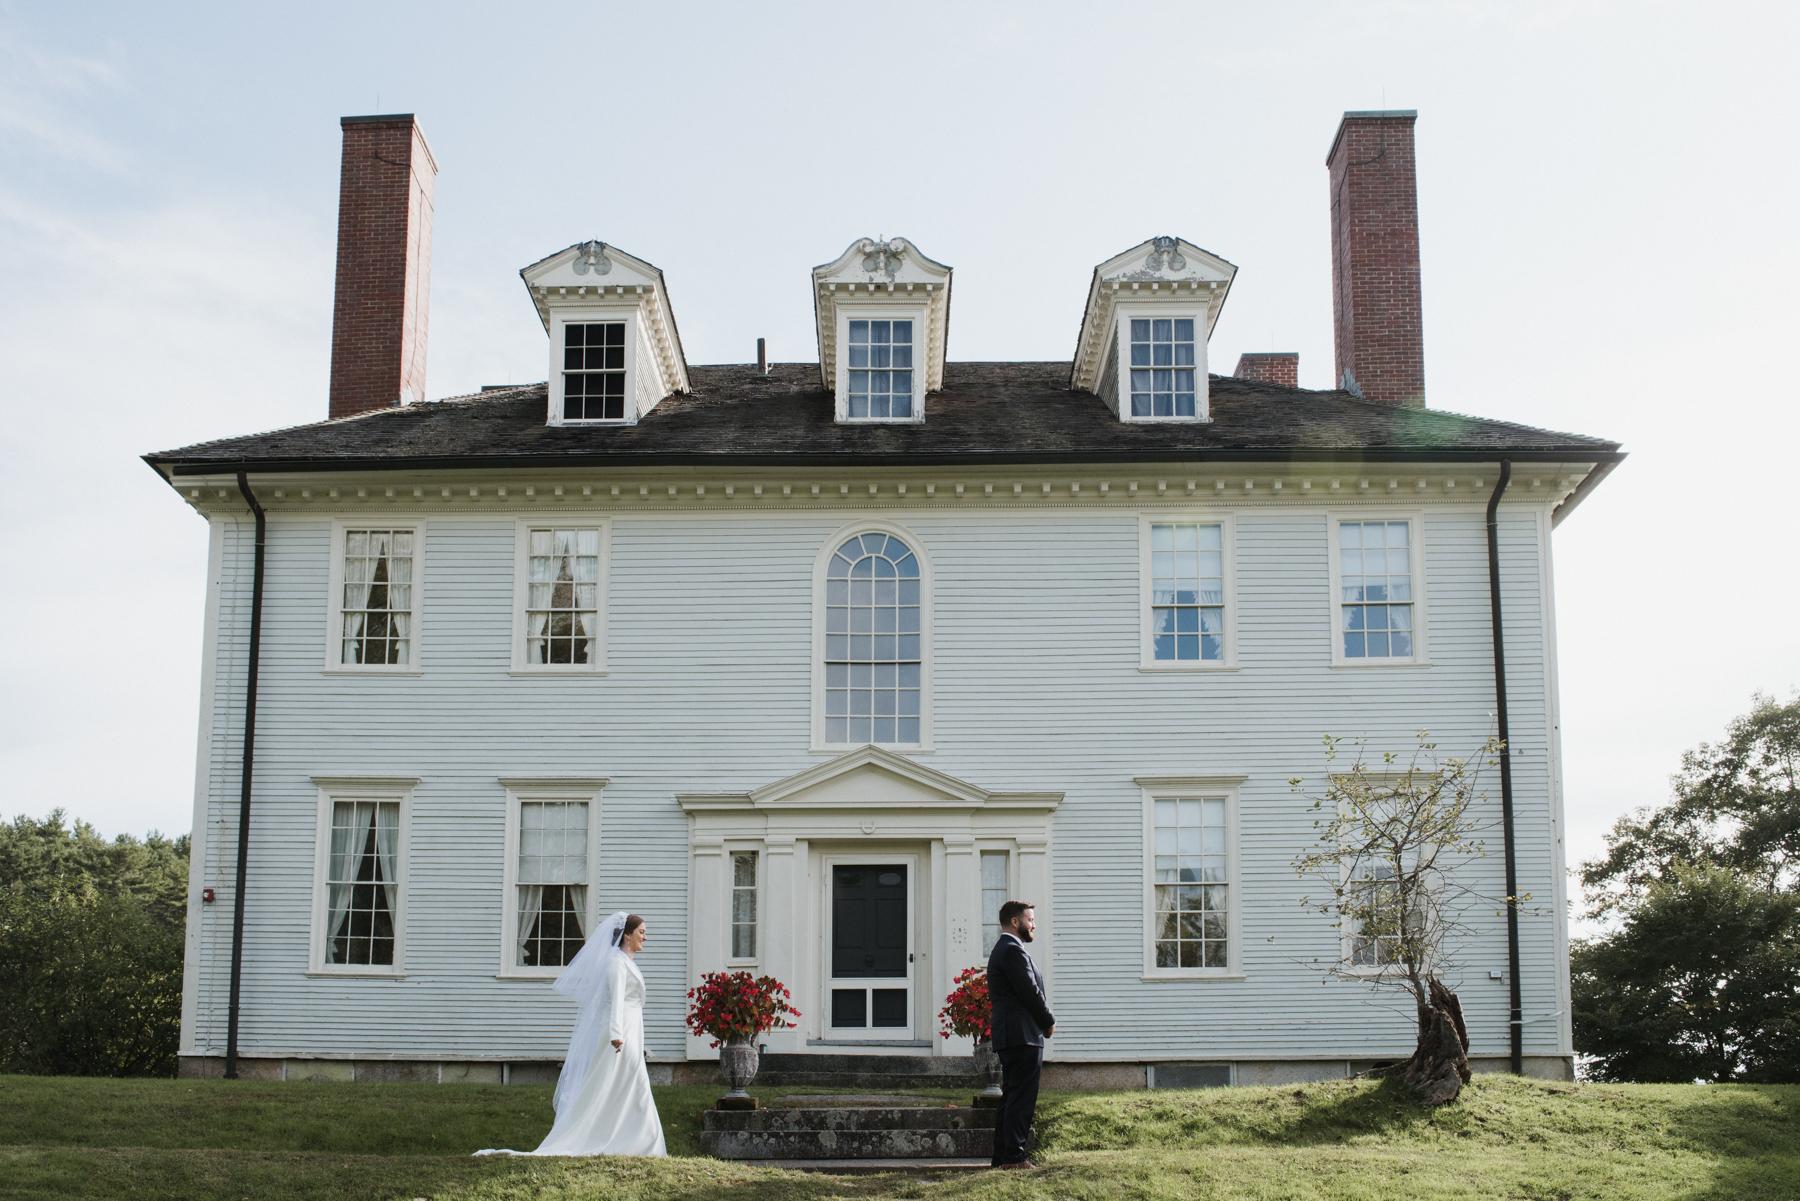 Hamilton_House_wedding_maine_Leah_Fisher_Photography-5.jpg